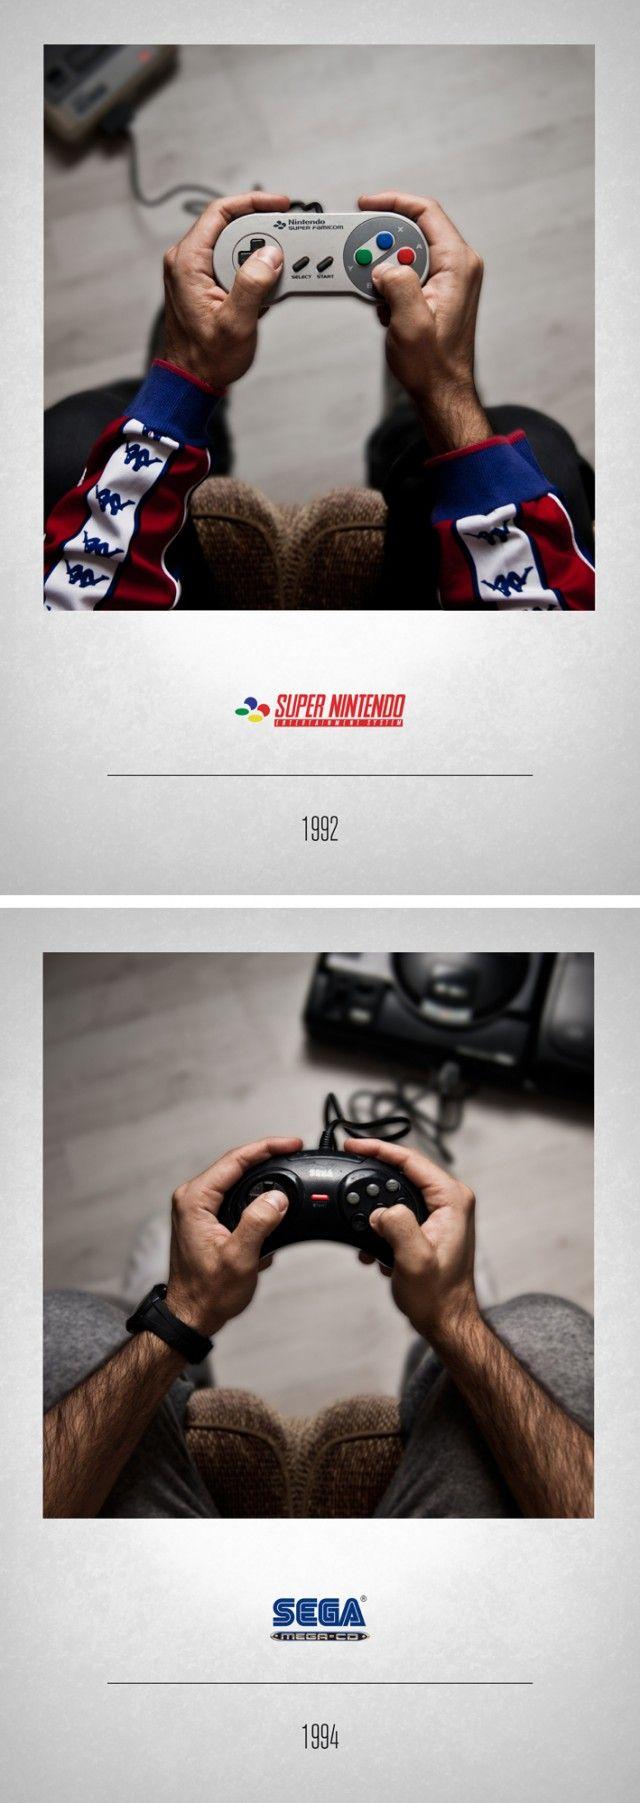 artsite-jeux-video-histoire-manettes-photographie-9 Un photographe retrace 30 ans de consoles de jeux à travers 22 manettes intemporelles